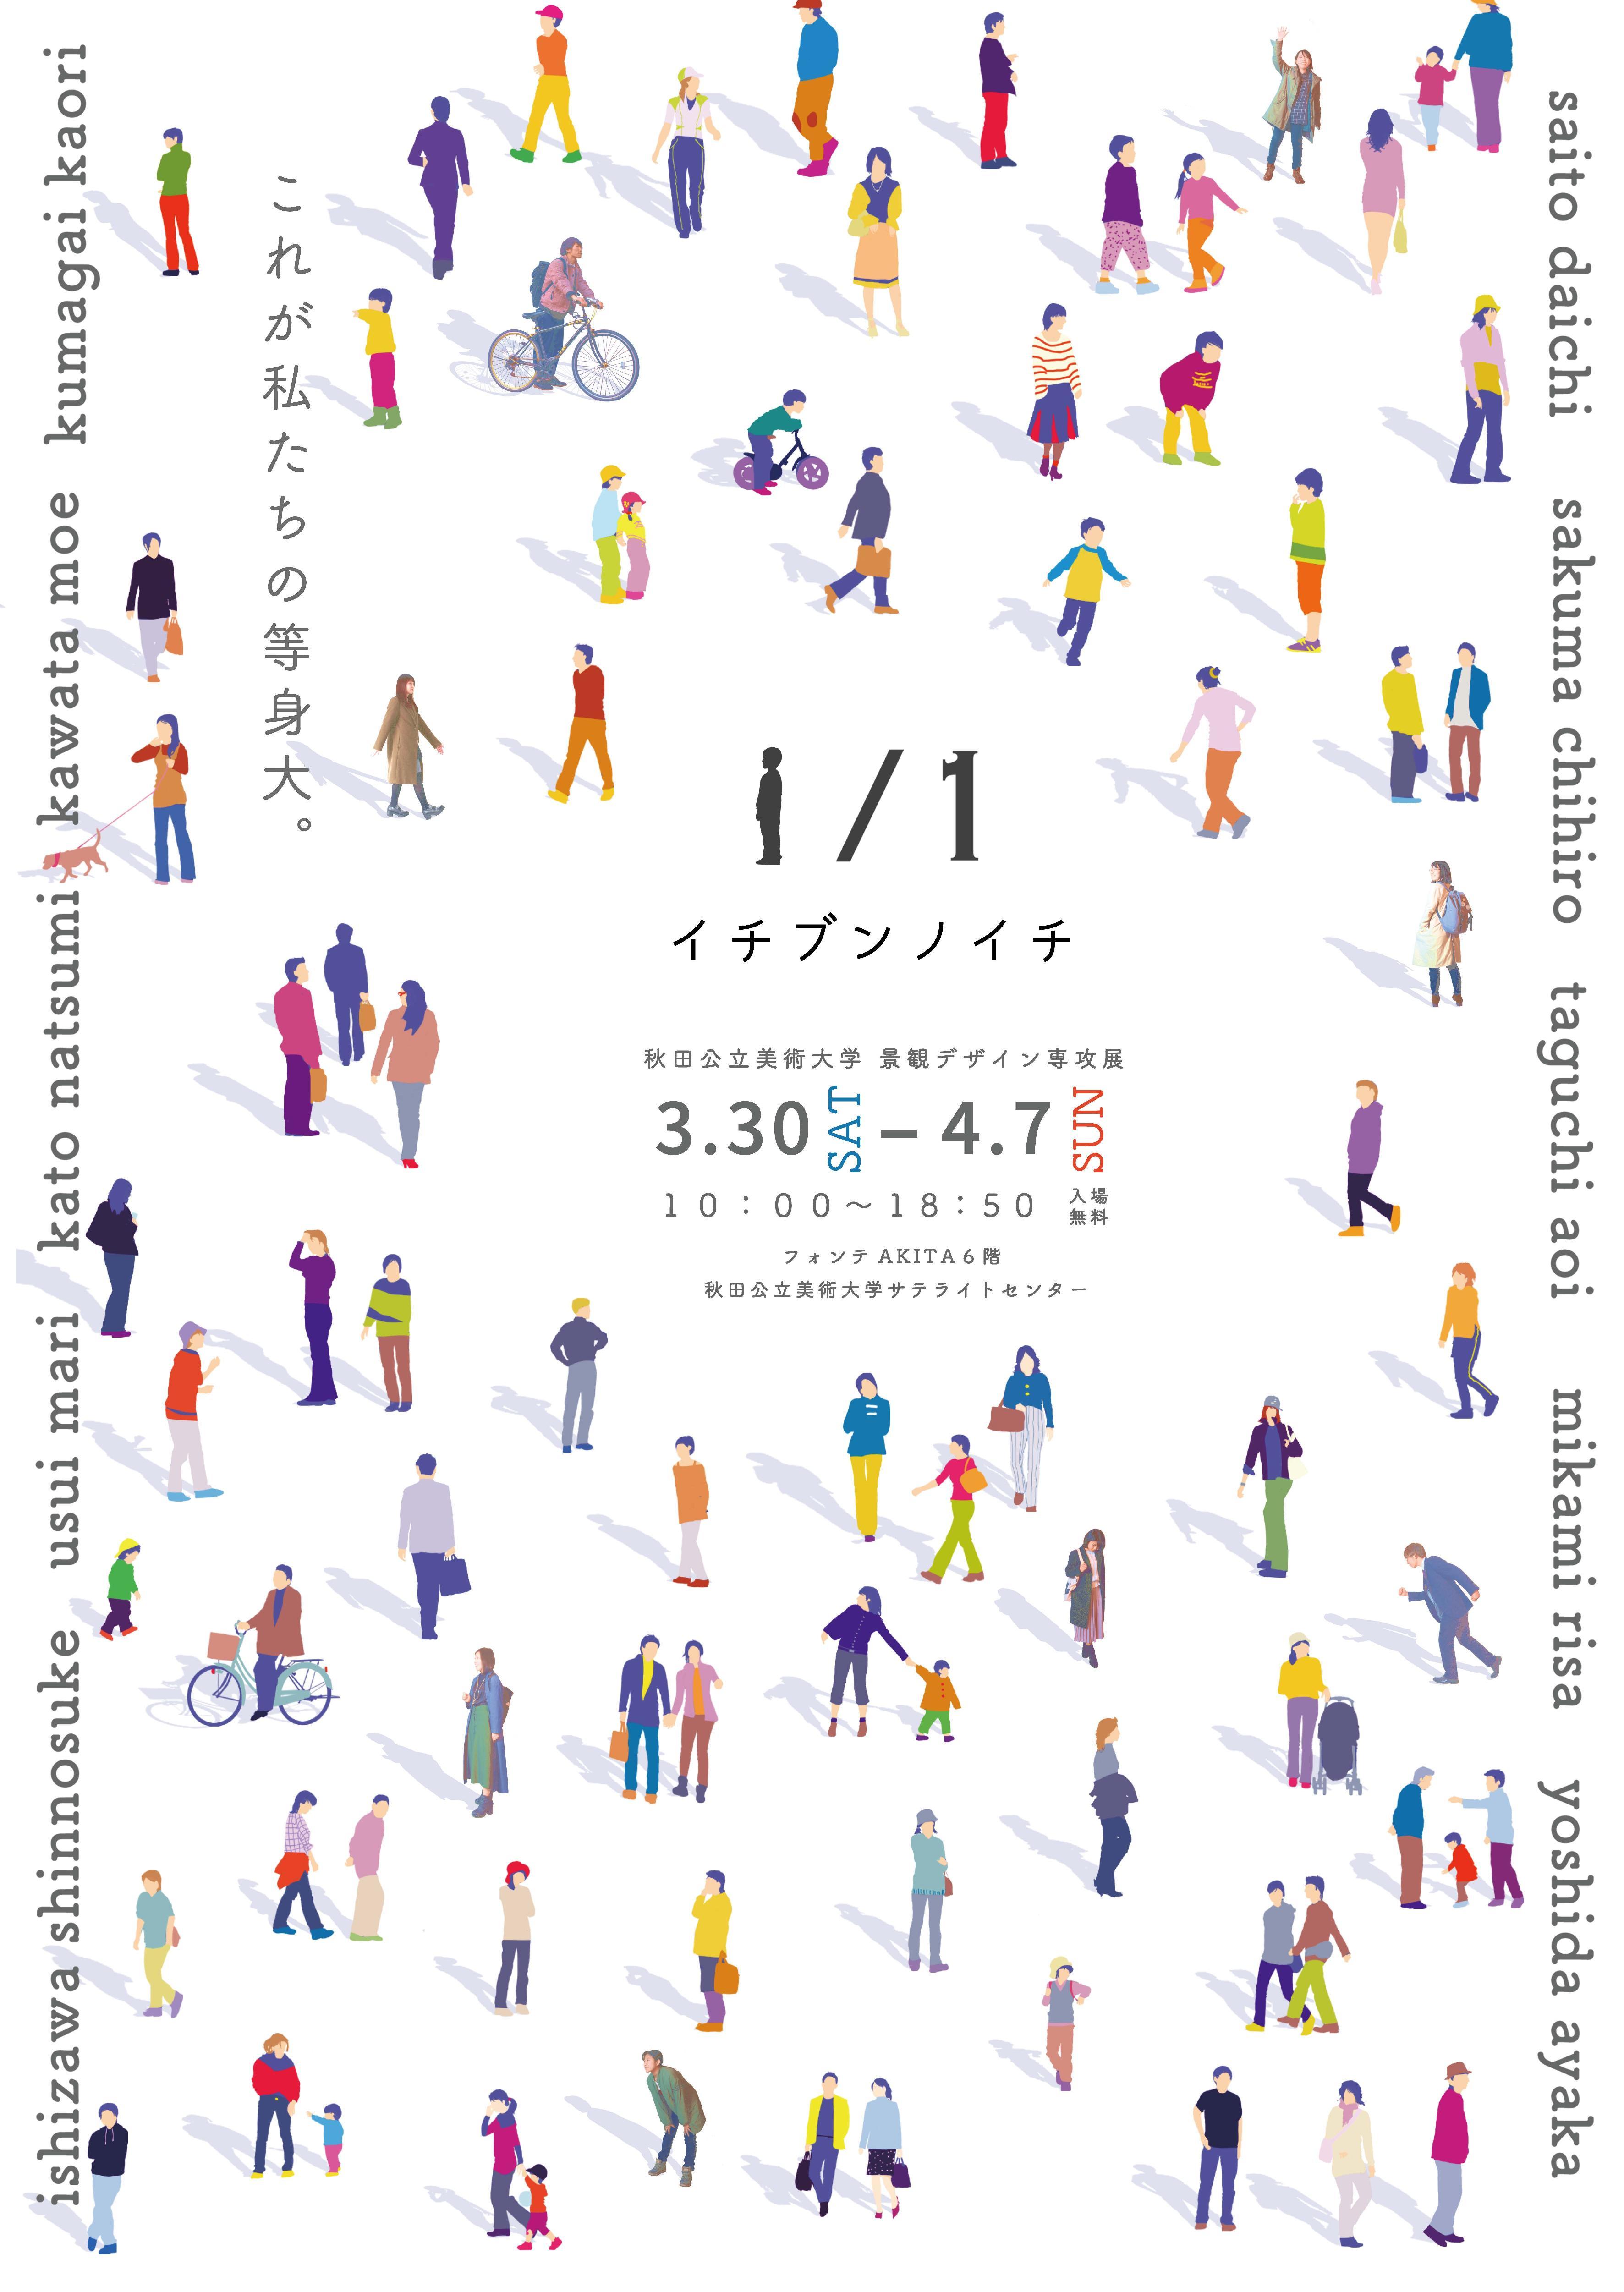 美大3年 景観デザイン専攻展「1/1(イチブンノイチ)」開催(3/30~4/7)